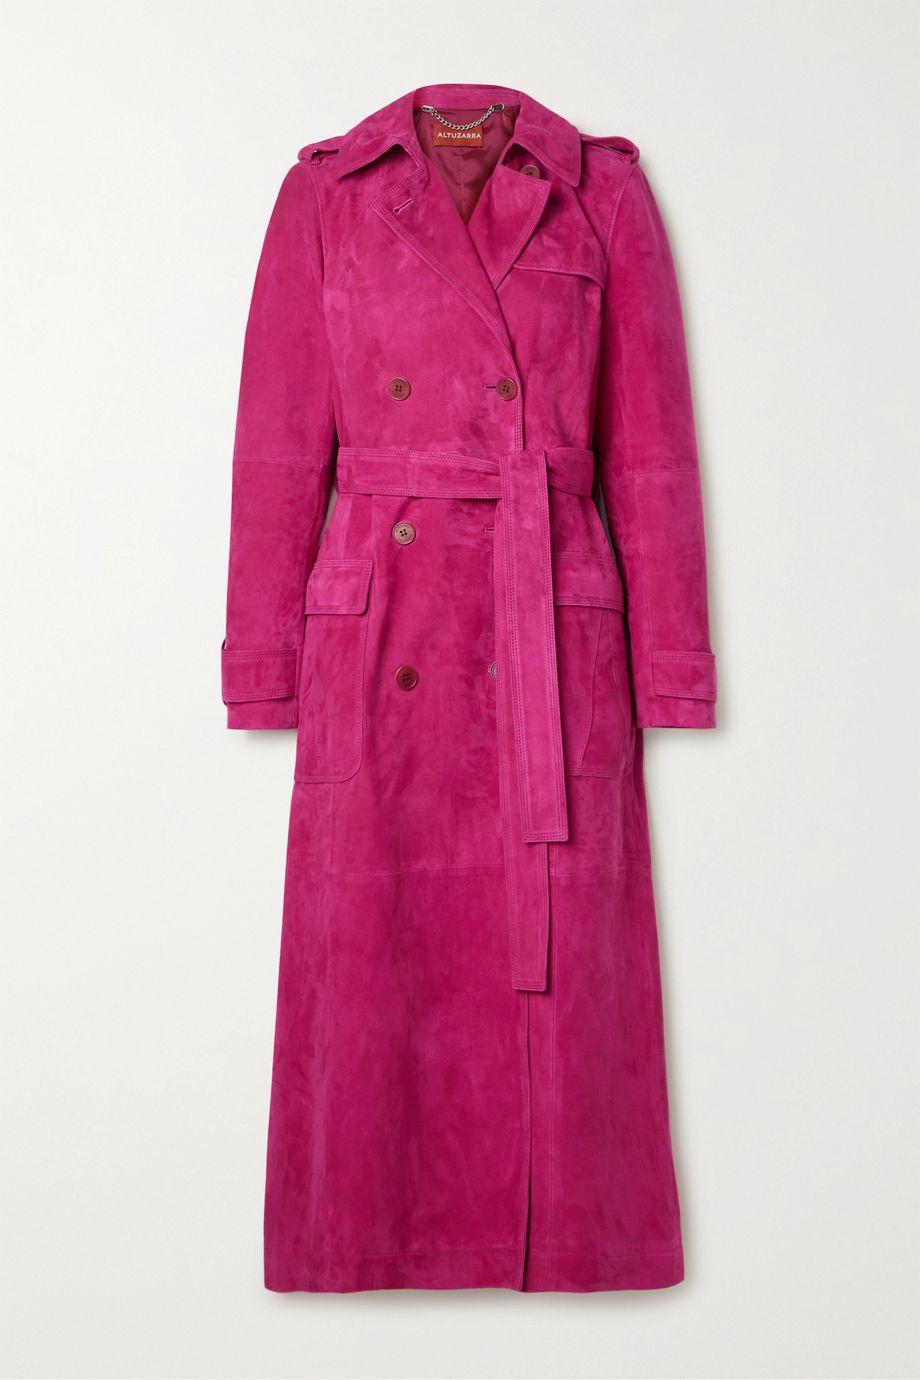 Altuzarra Bidwell belted suede trench coat